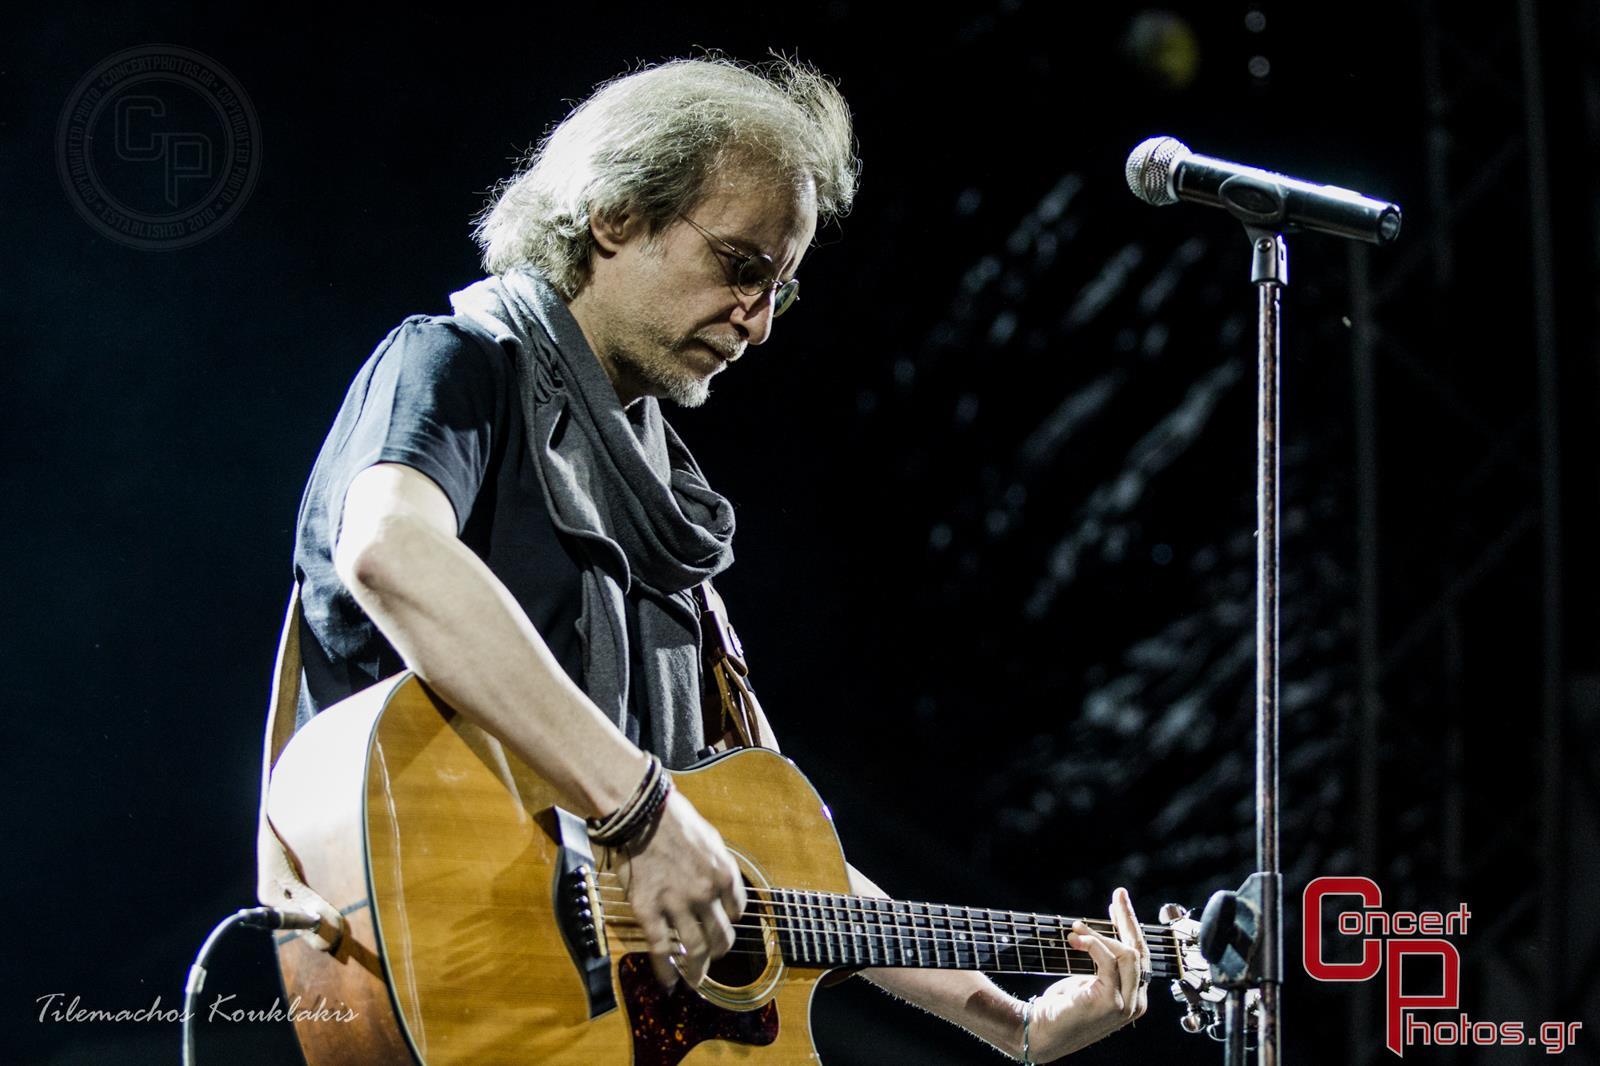 Μία συναυλία για τη Σχεδία 2014-Sxedia 2014 photographer:  - concertphotos_20140530_20_13_28